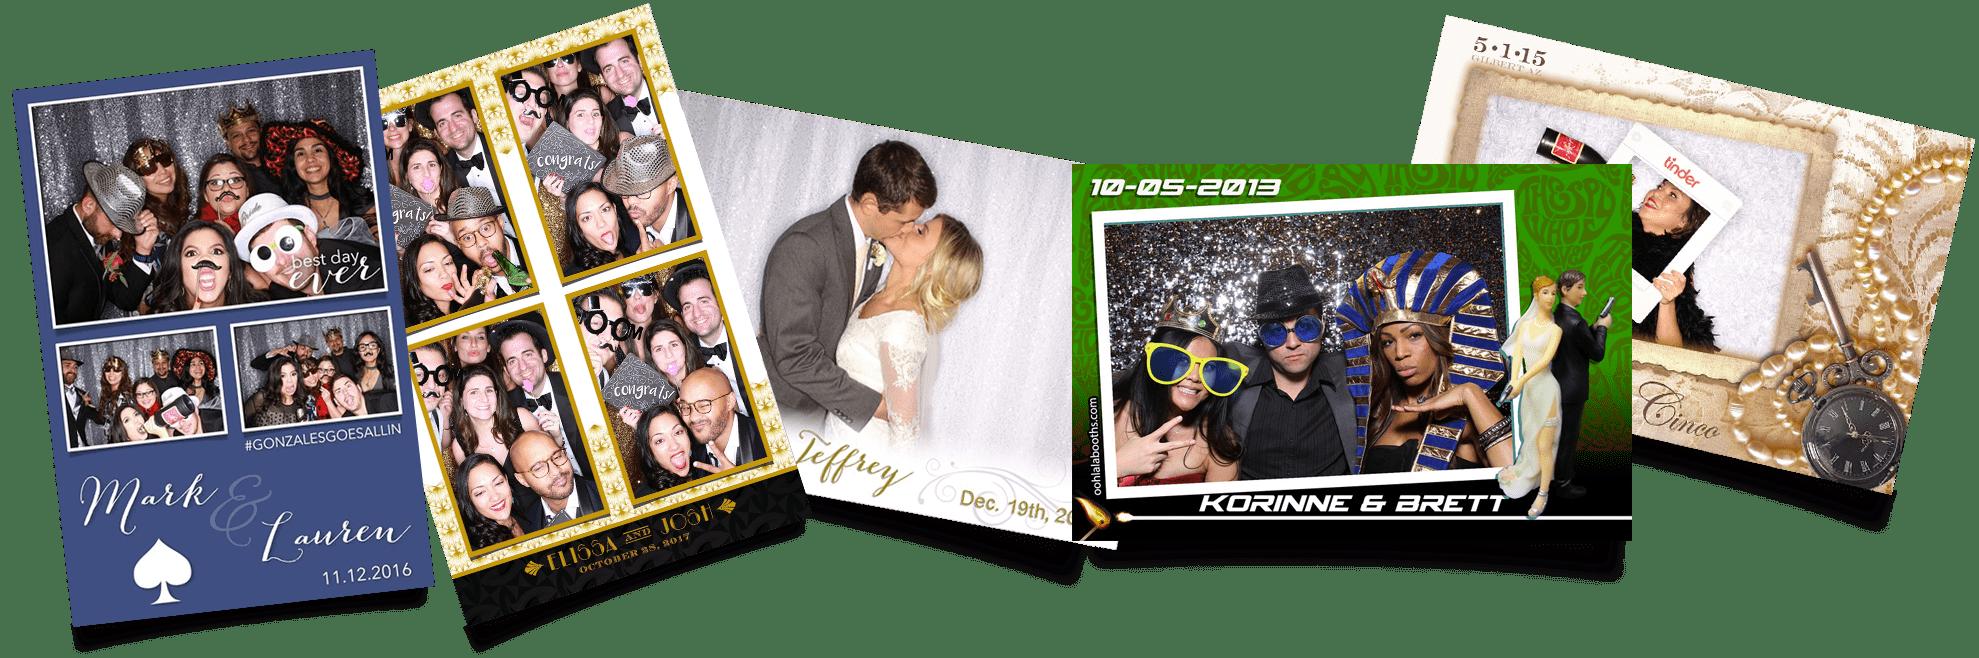 Wedding GIF & Photo Booth Rental   Phoenix - Scottsdale - Arizona